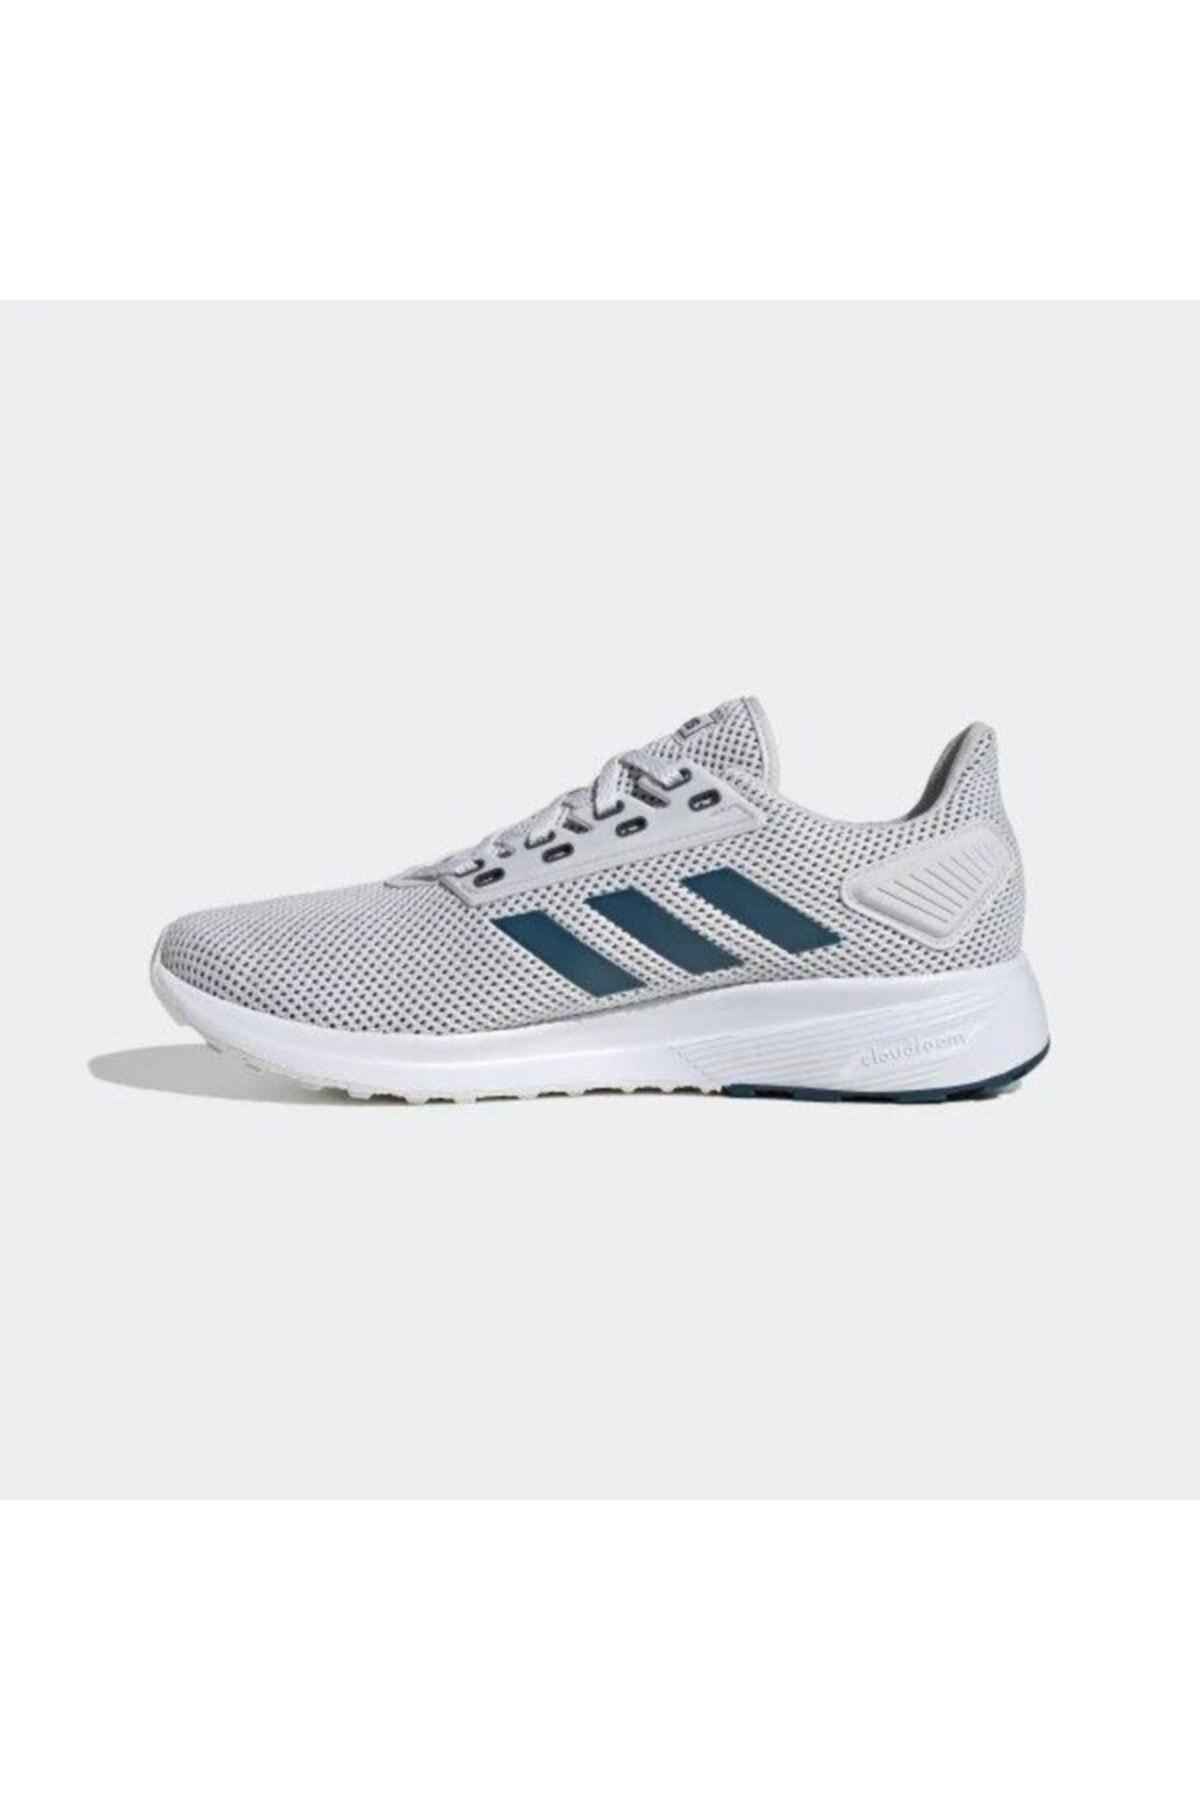 adidas DURAMO 9 Gri Erkek Koşu Ayakkabısı 100533689 1